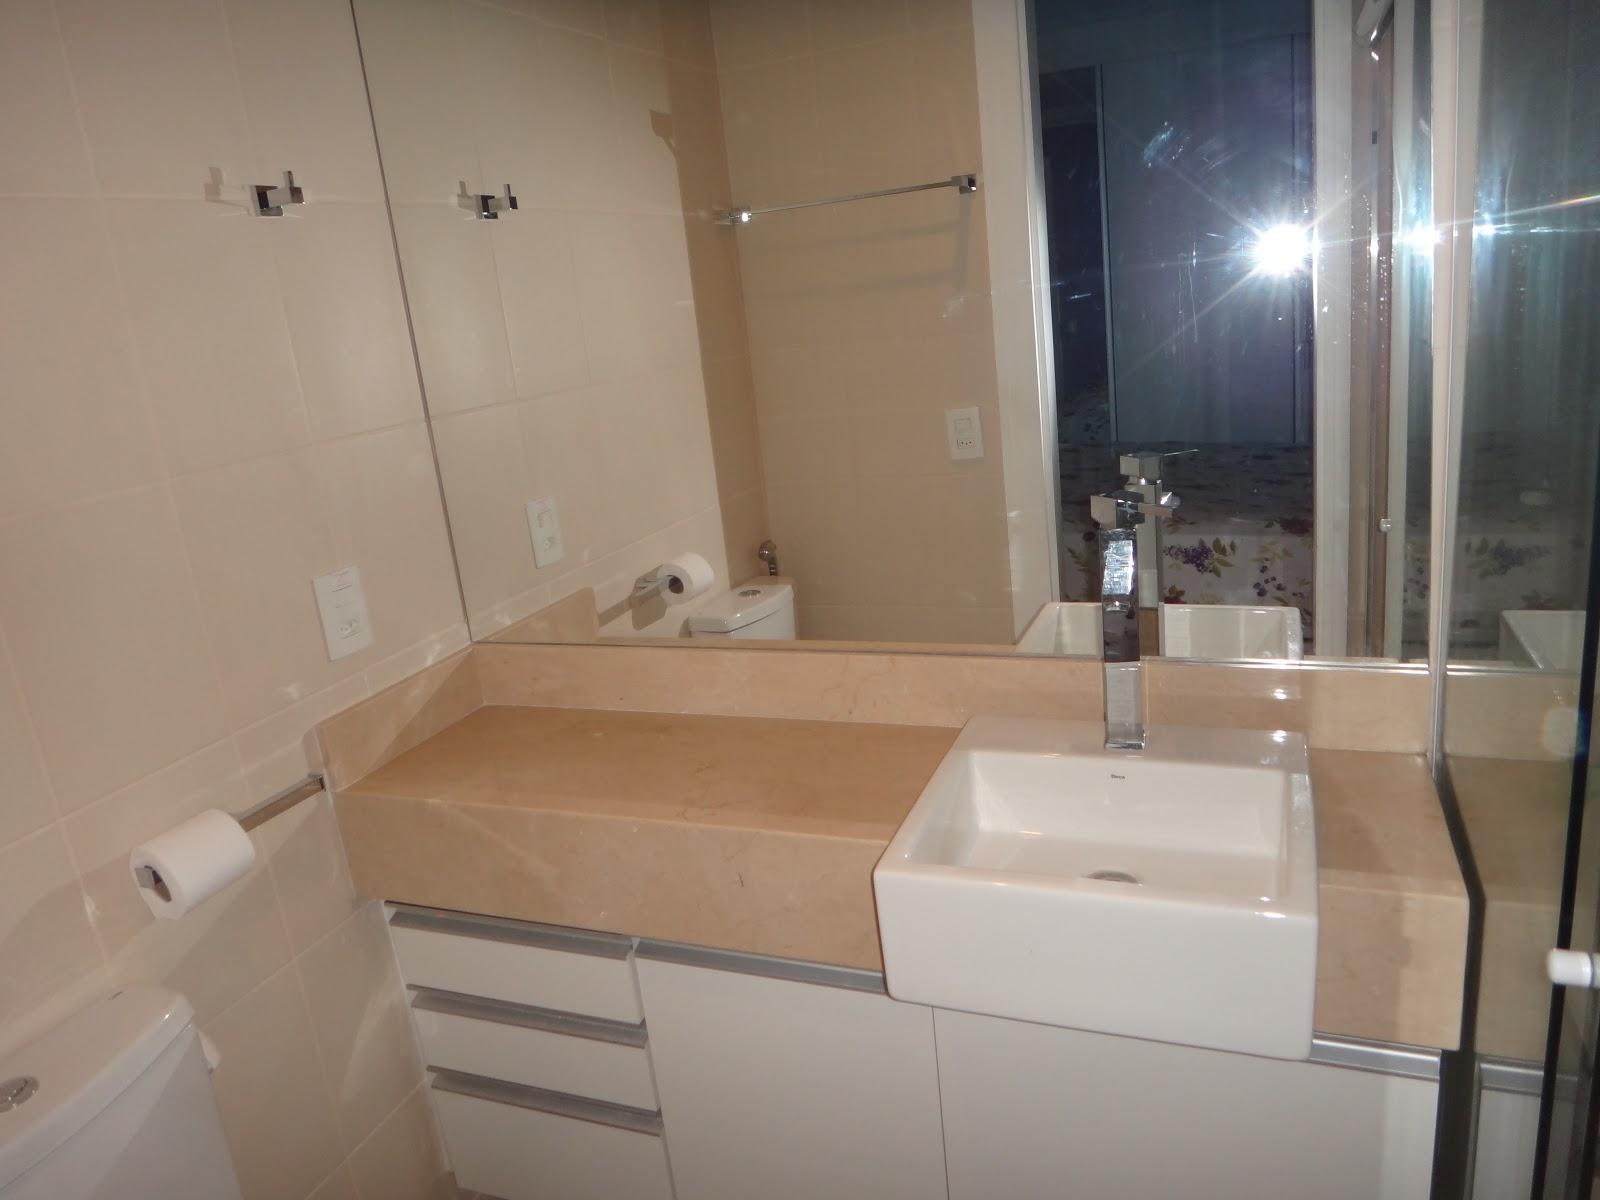 Imagens de #7F654C Condomínio Kawai * Freguesia*: Dezembro 2012 1600x1200 px 3484 Blindex Para Banheiro Rj